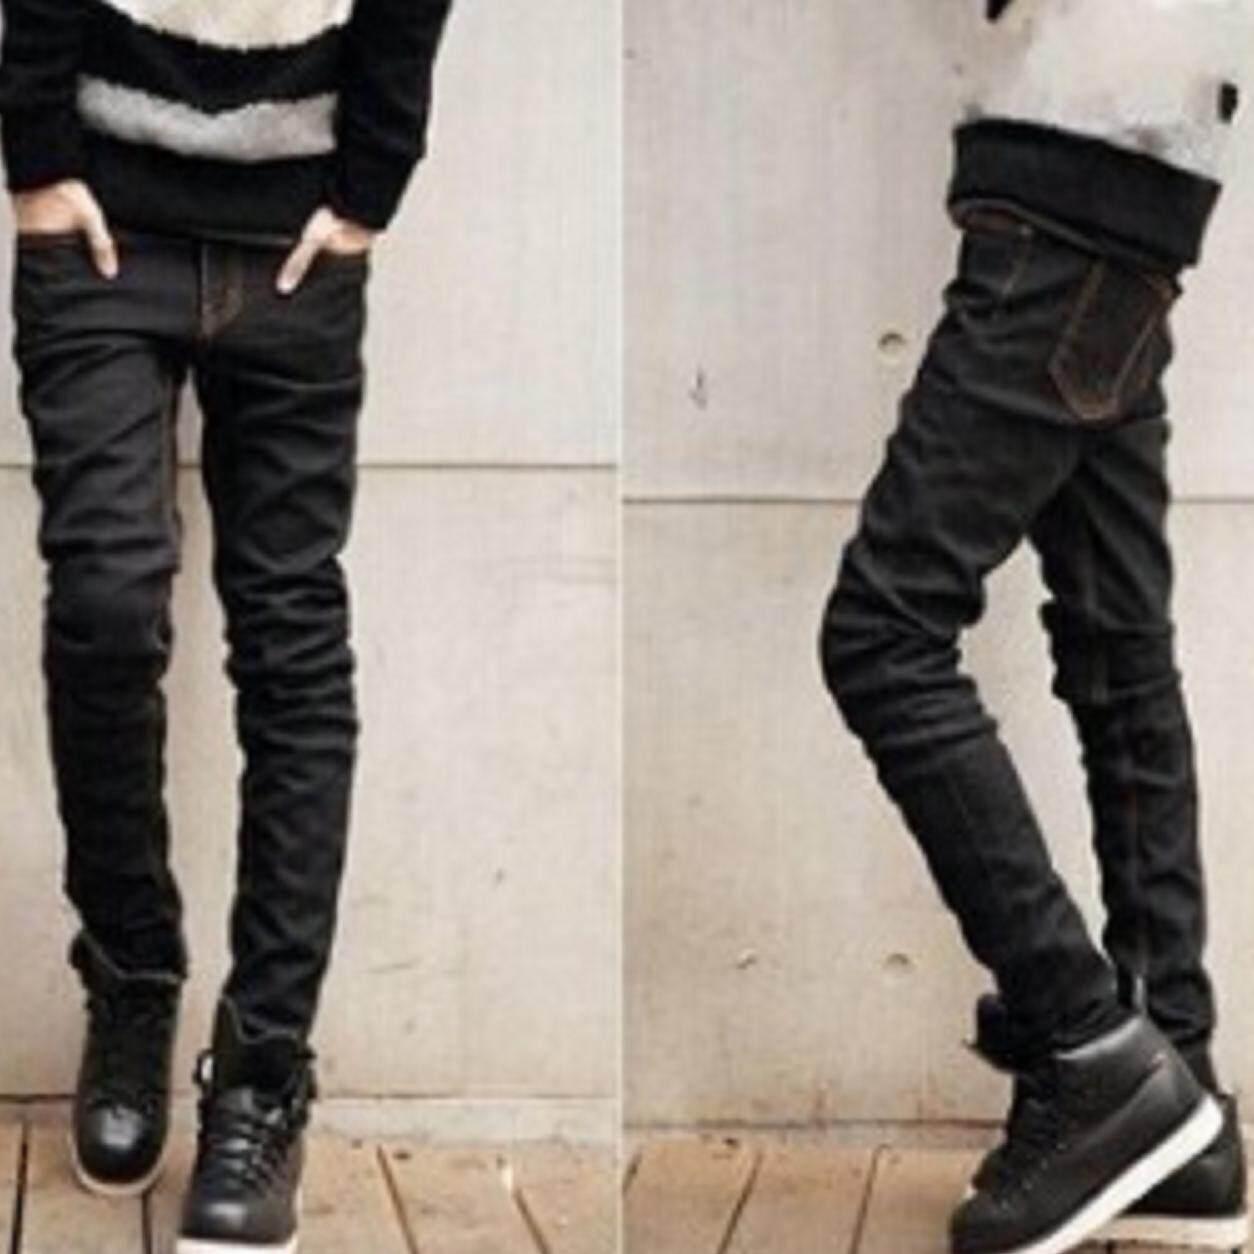 ขาย Style กางเกงยีนส์ ขายาว ดีไซน์เรียบ สวยเก๋ ผ้าเนื้อดี สีดำ รุ่น 411 ผู้ค้าส่ง